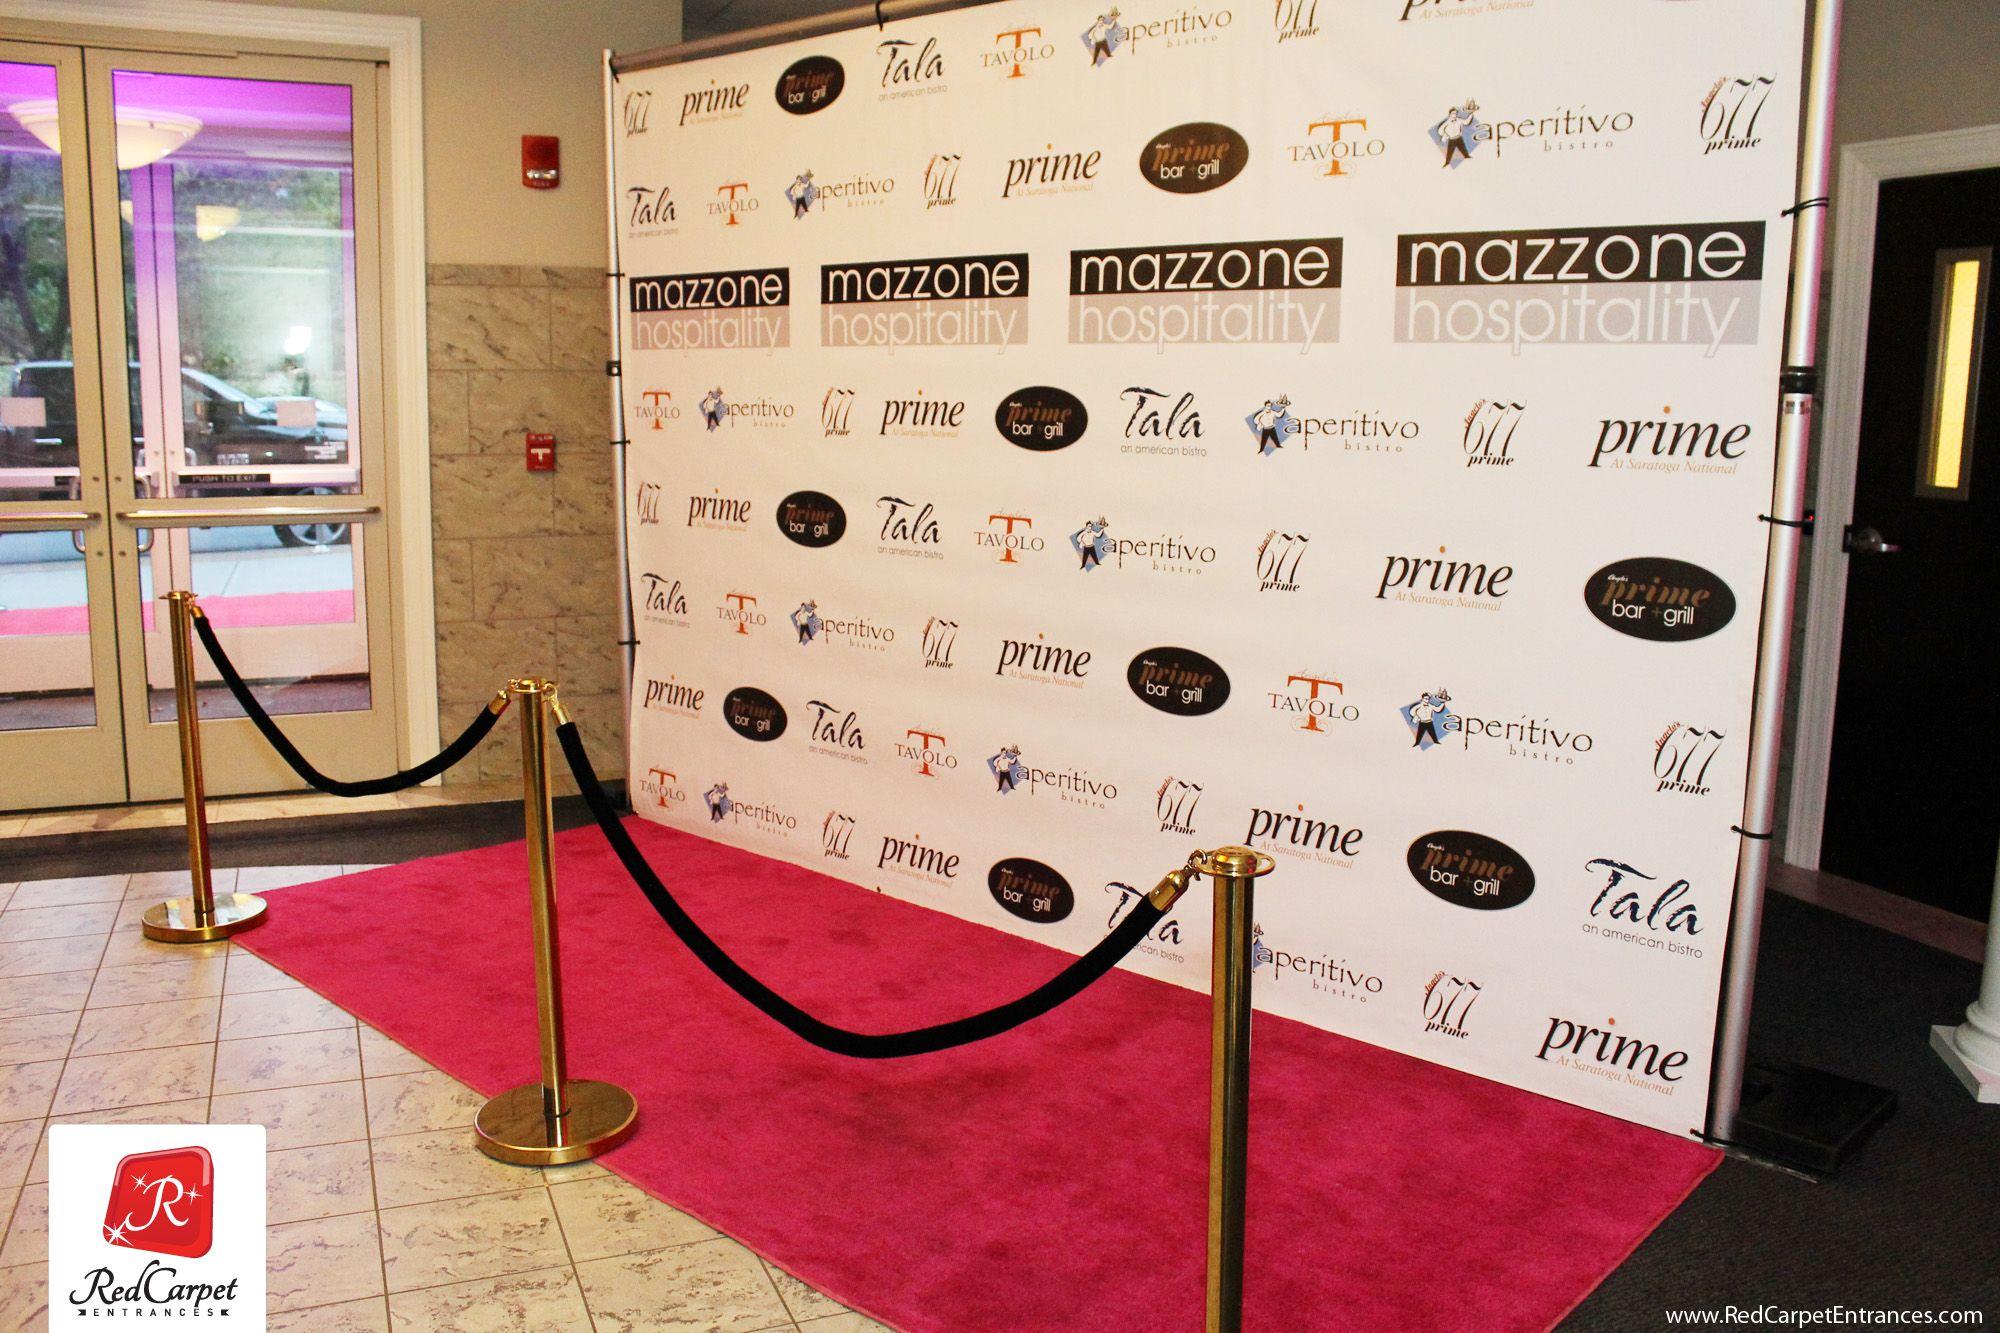 Hot Pink Carpet Runner Red Carpet Runner Red Carpet Backdrop Event Shop Red Carpet Entrance Red Carpet Backdrop Red Carpet Runner